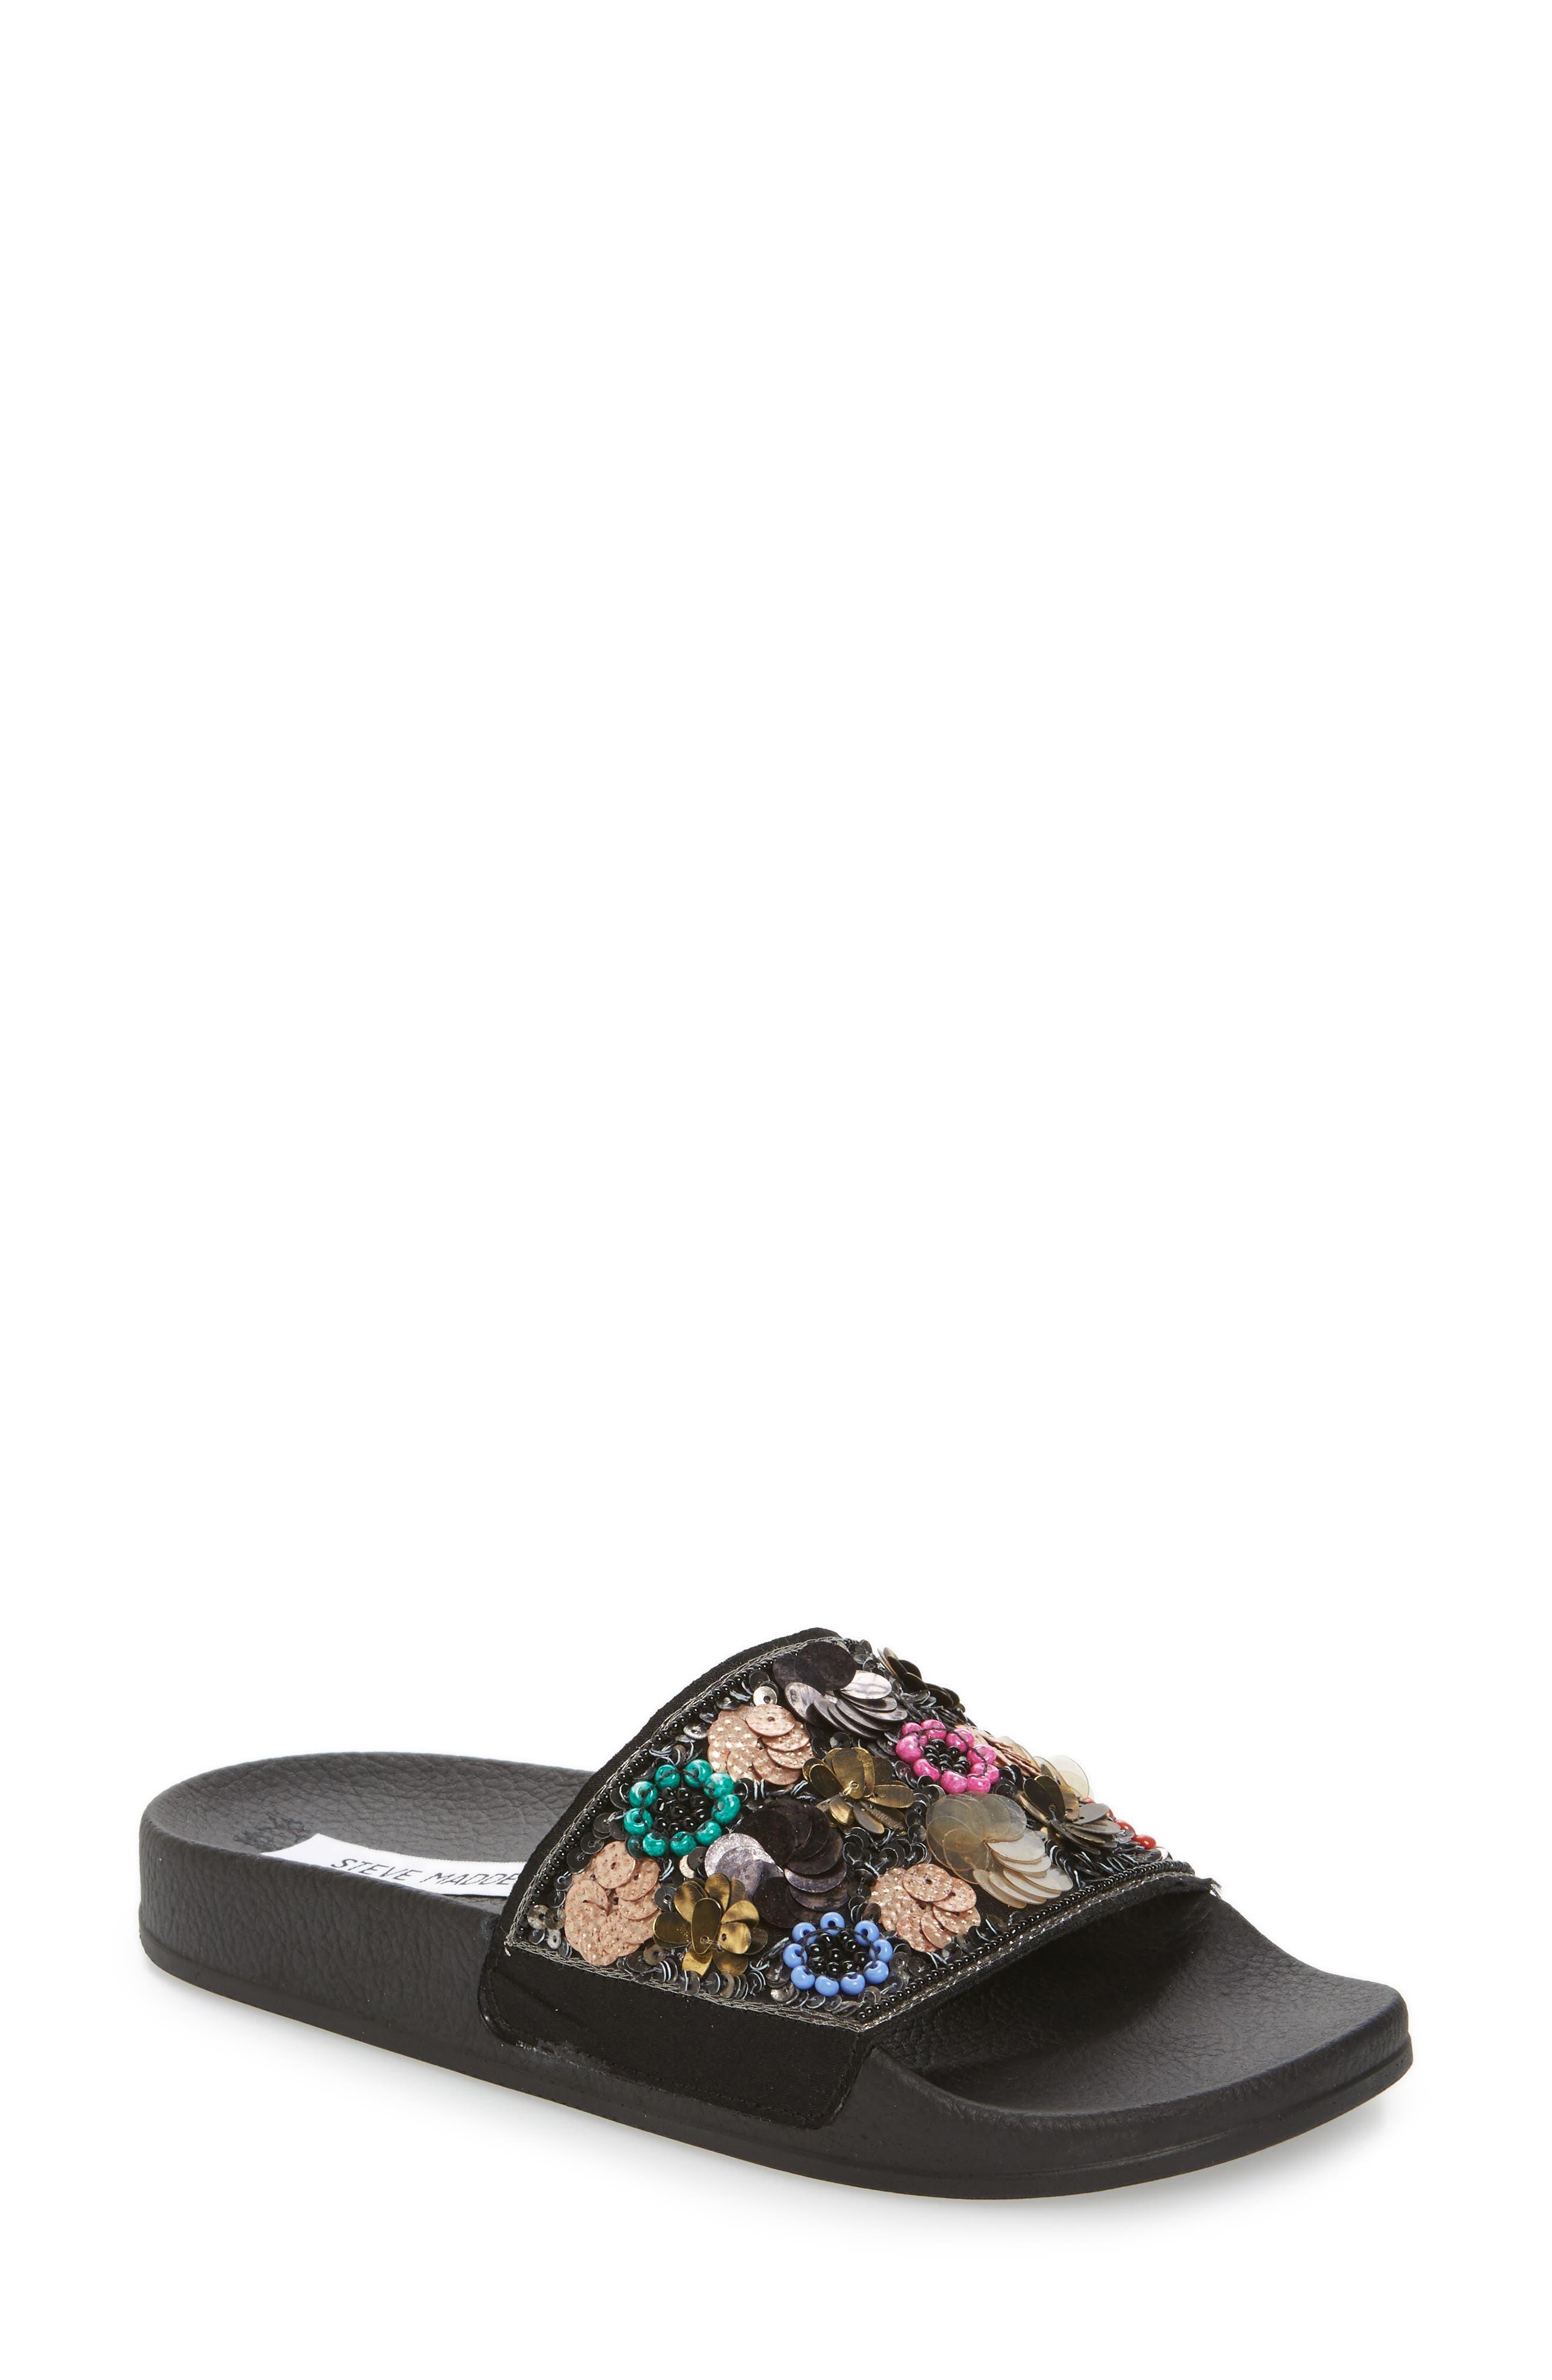 Maddy Embellished Slide Sandal,                         Main,                         color, Flower Multi